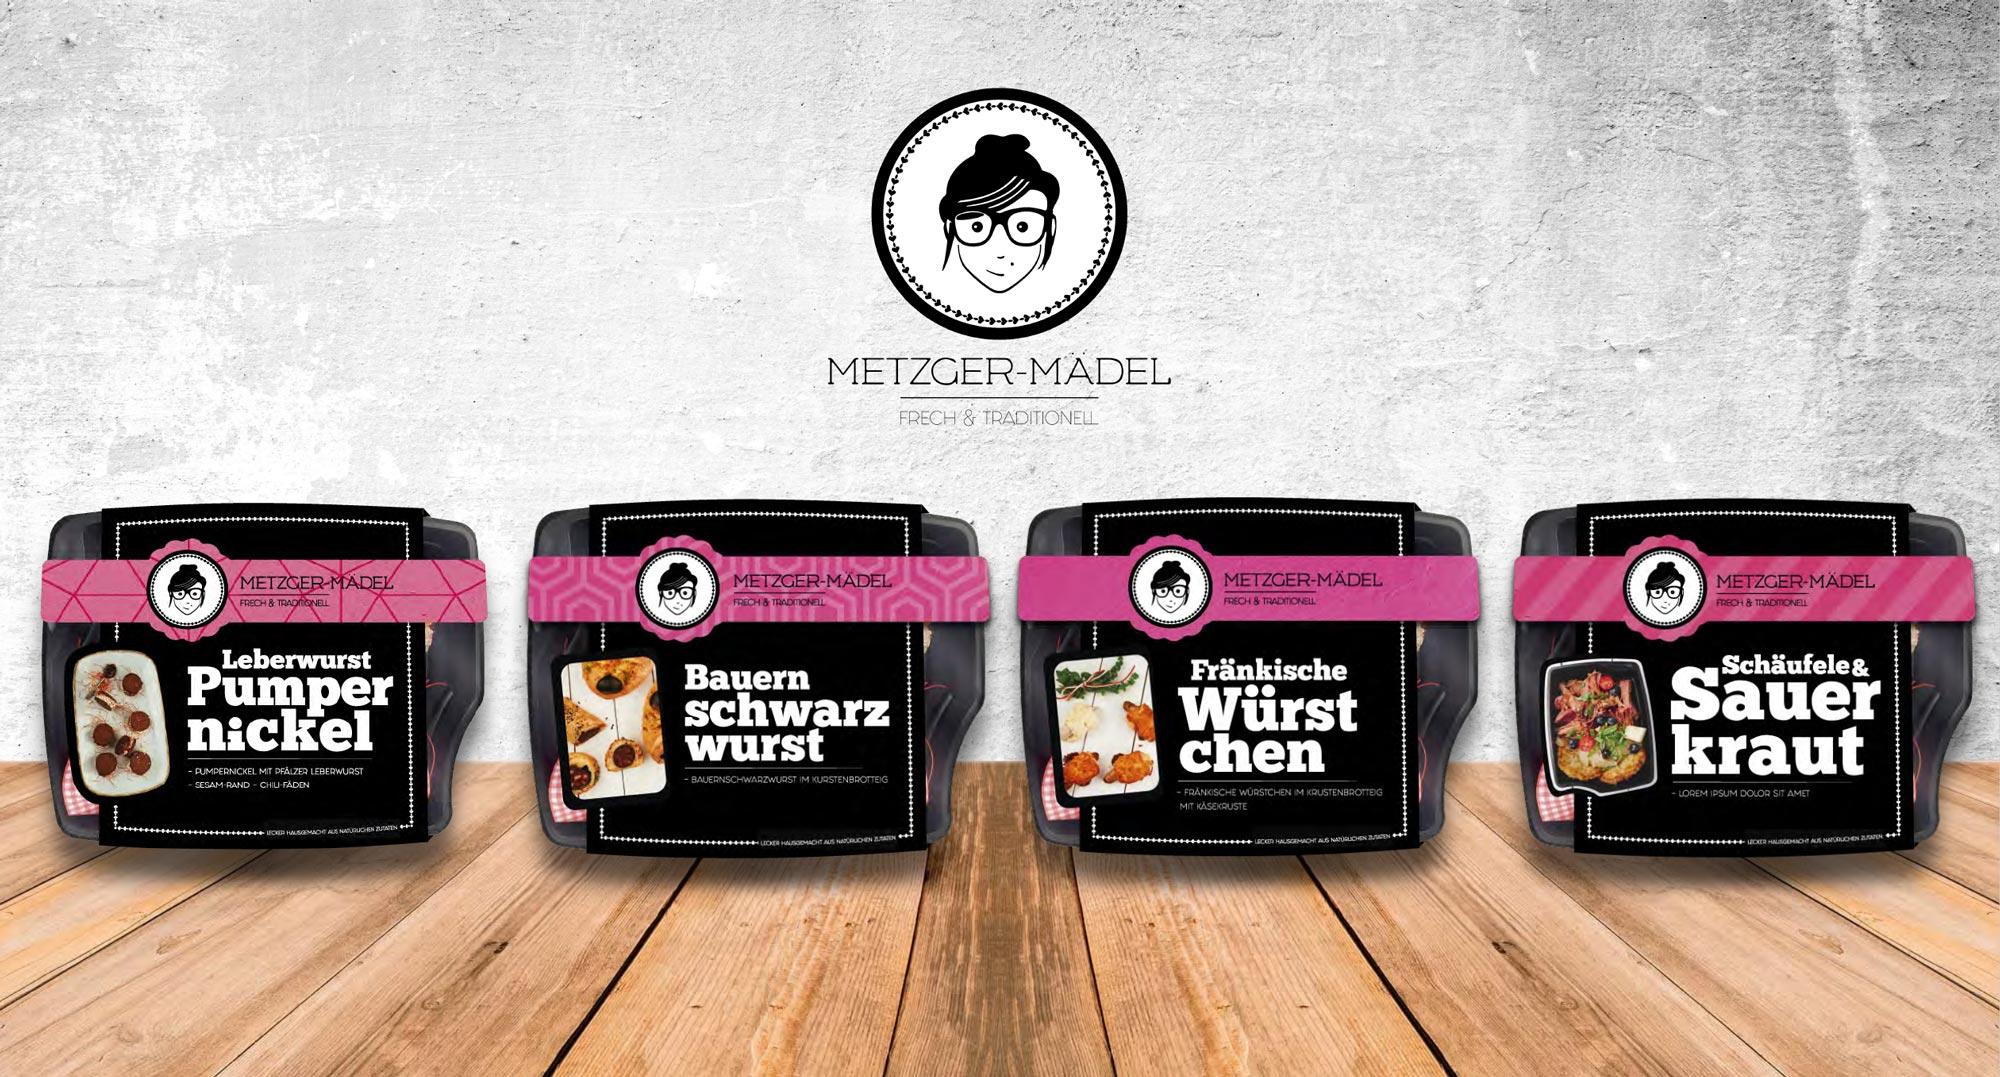 Verpackungsdesign Edeka Metzger Mädel alle Verpackungen im Überblick